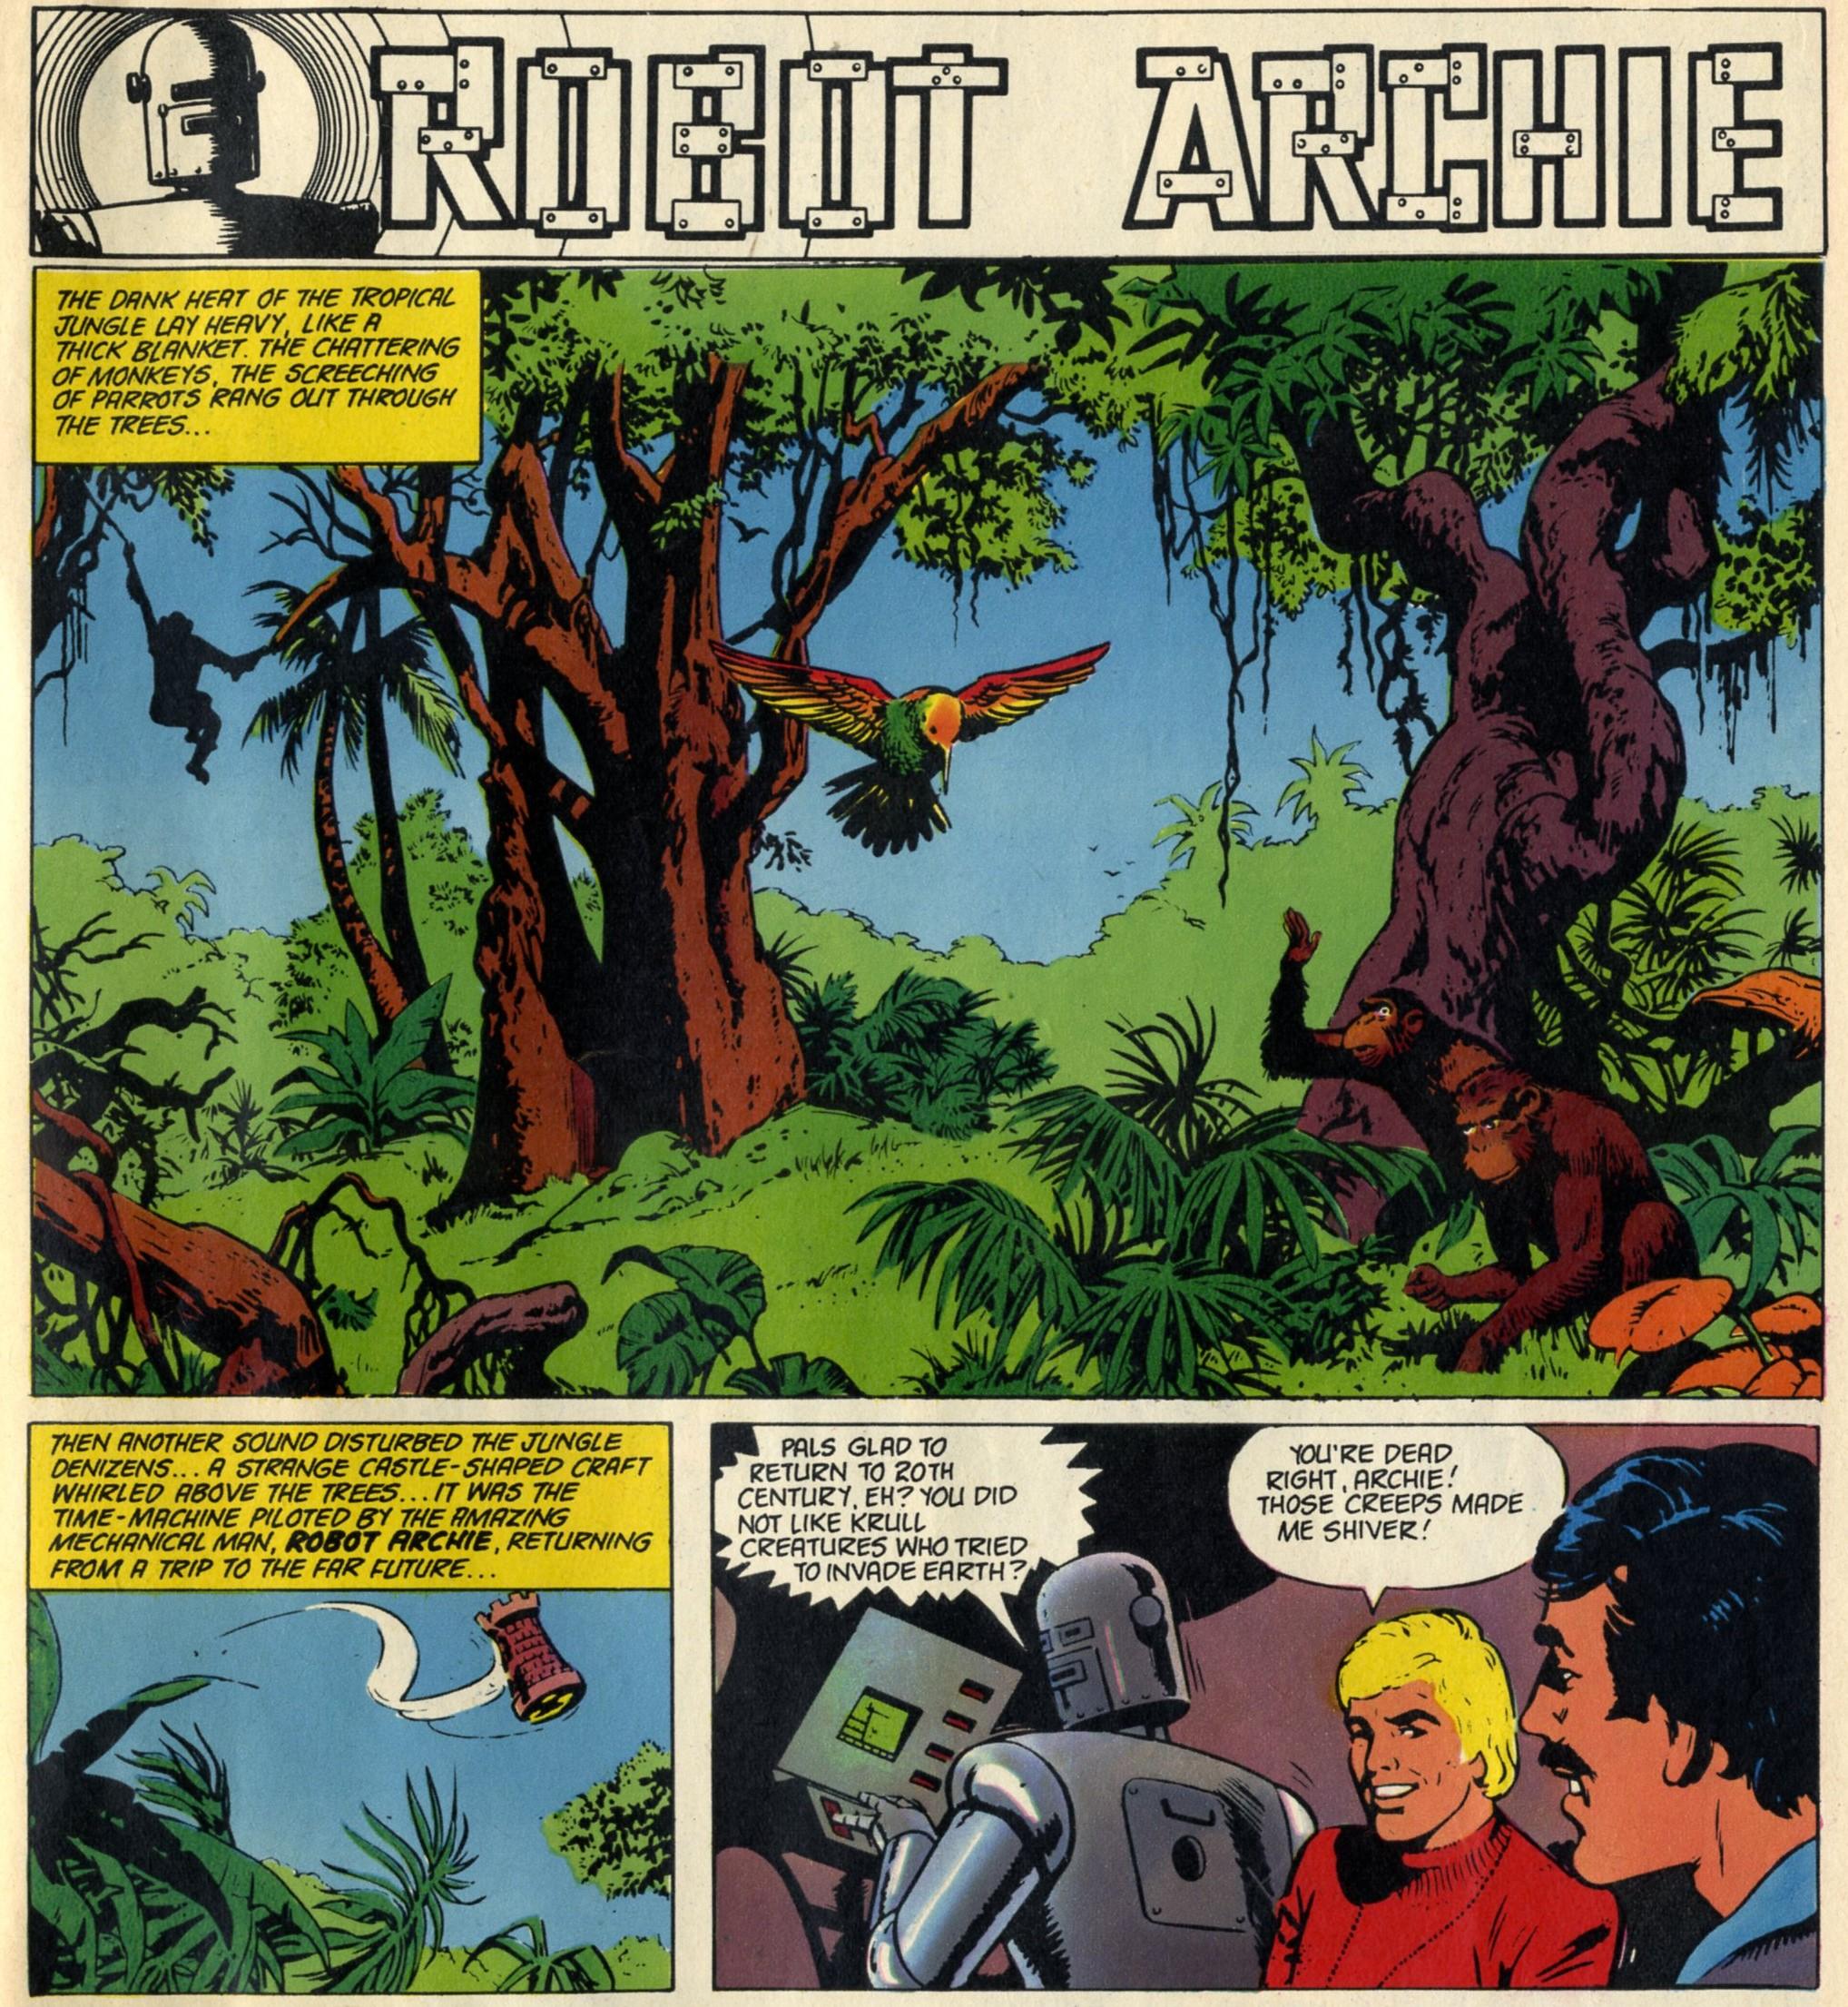 Robot Archie (reprinted from Lion, 1969): E. George Cowan (writer), Bert Bus (artist)